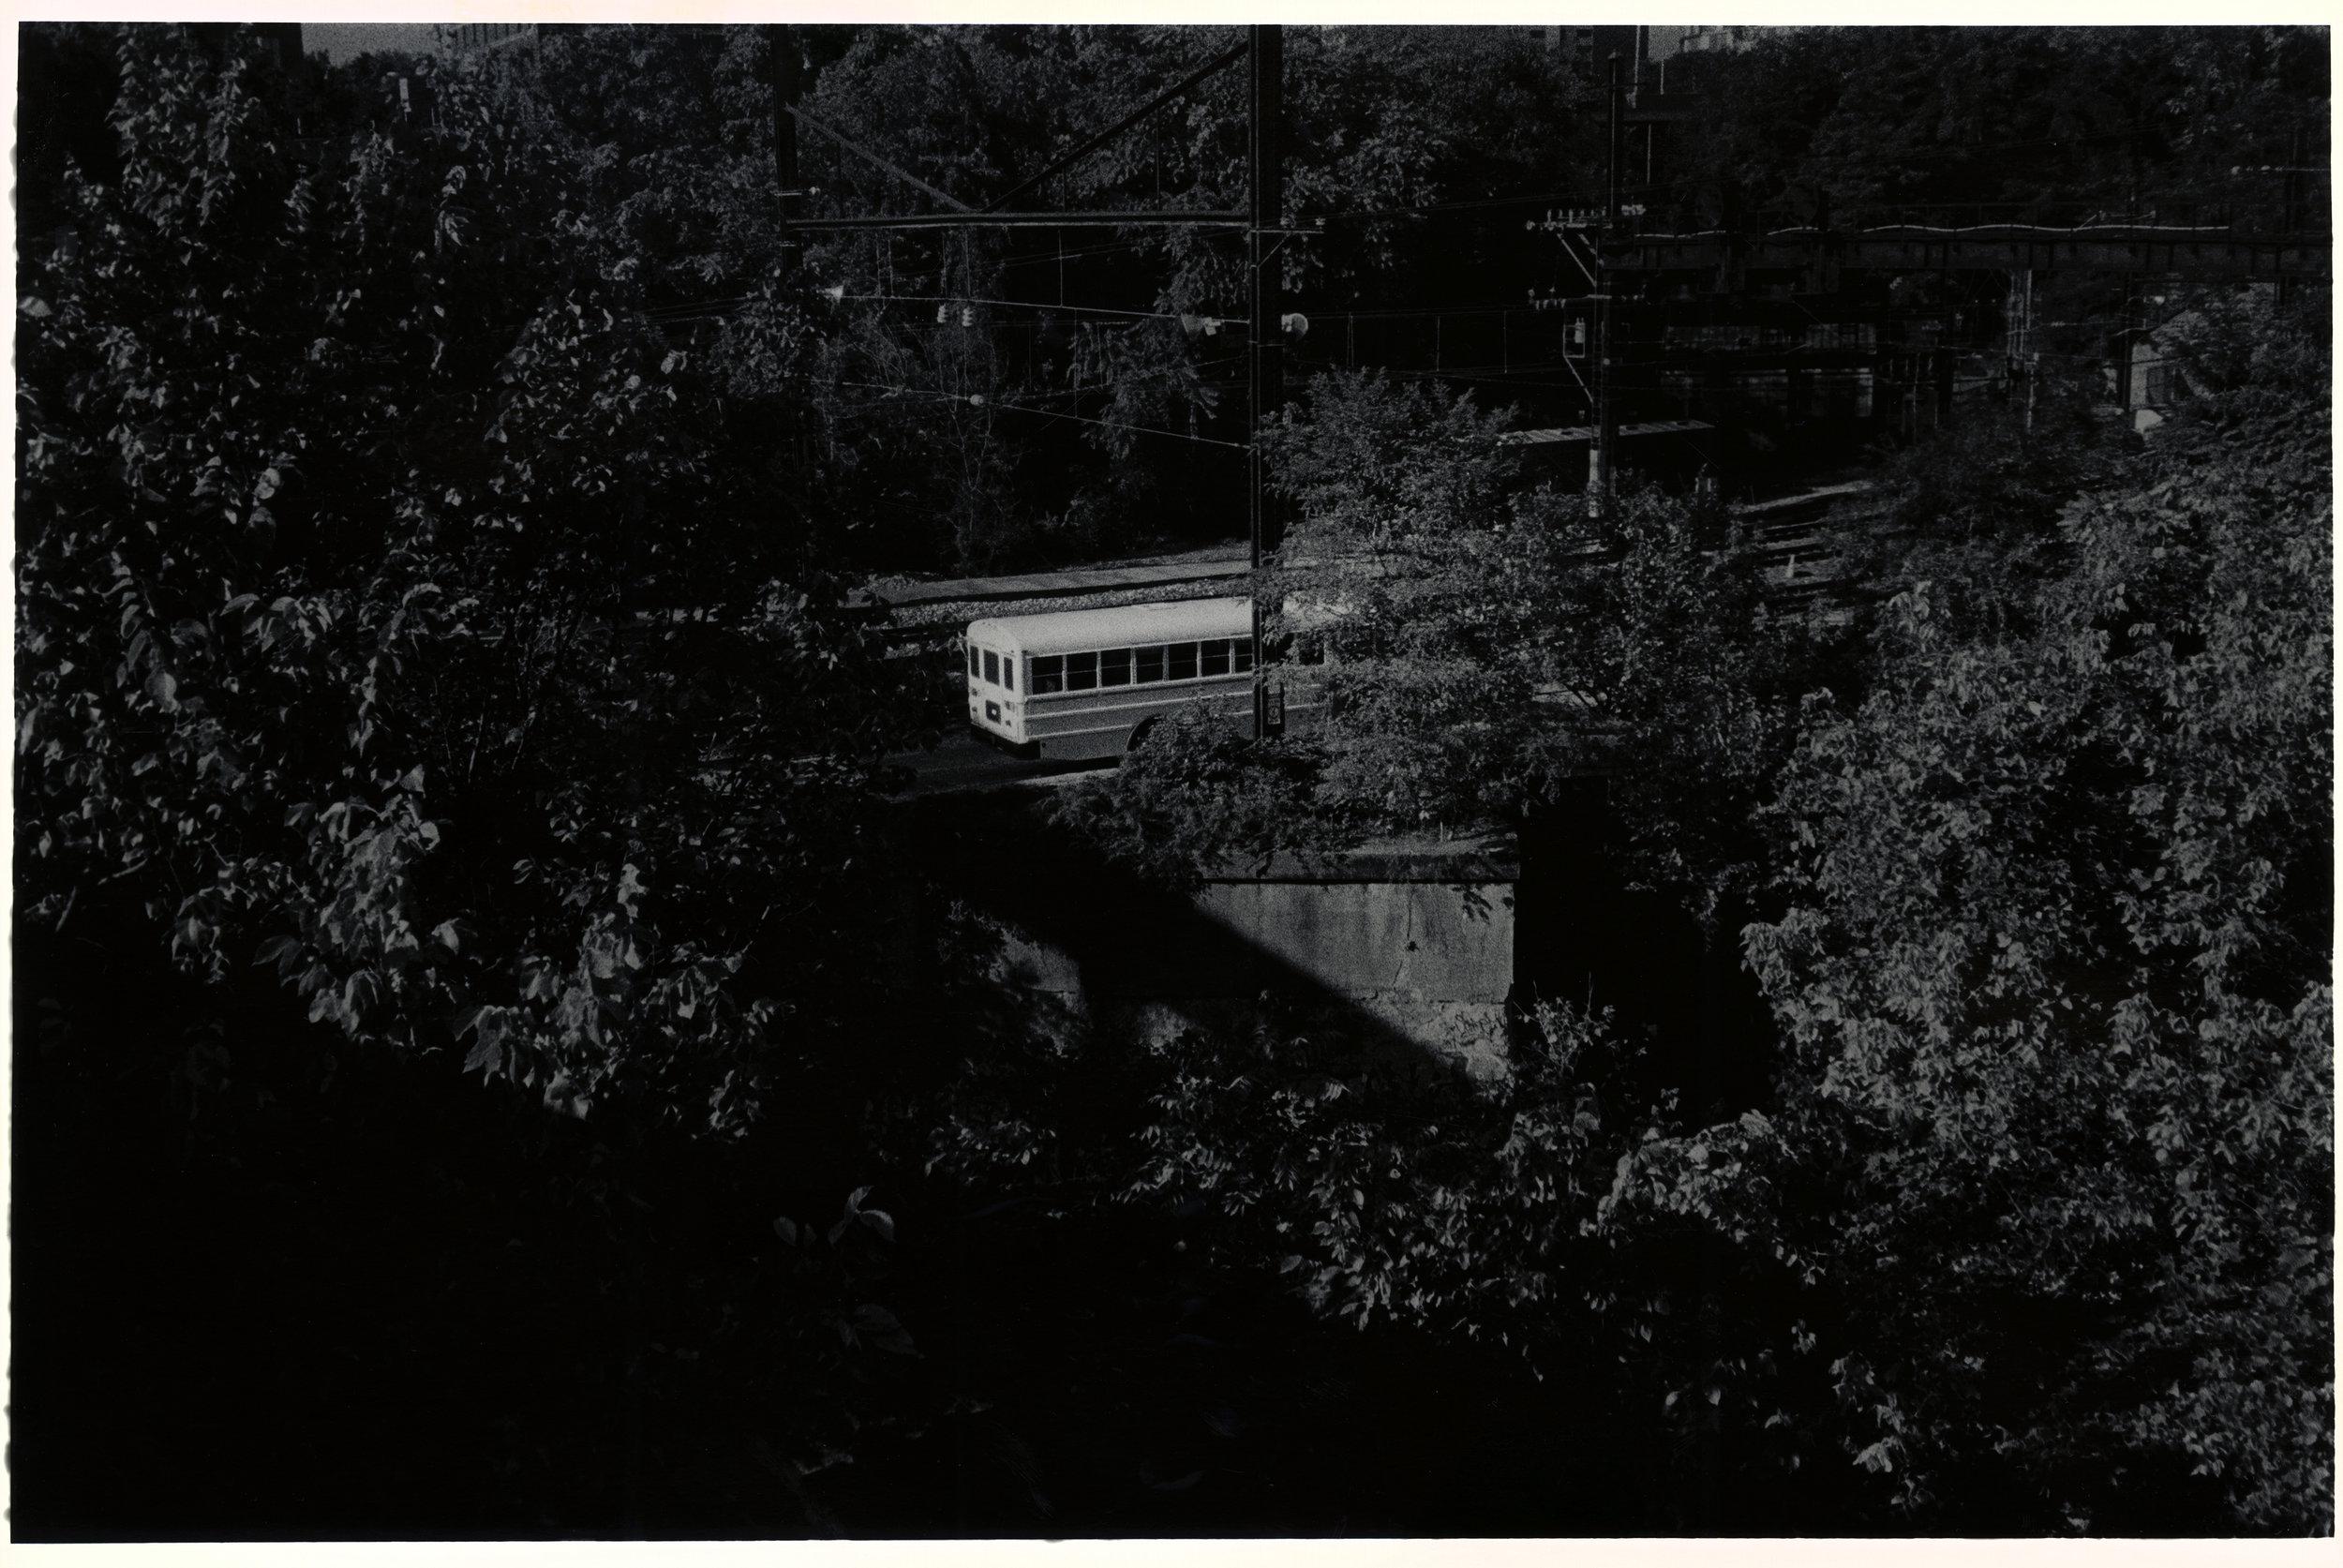 鐵道廢車-crop-2.jpg